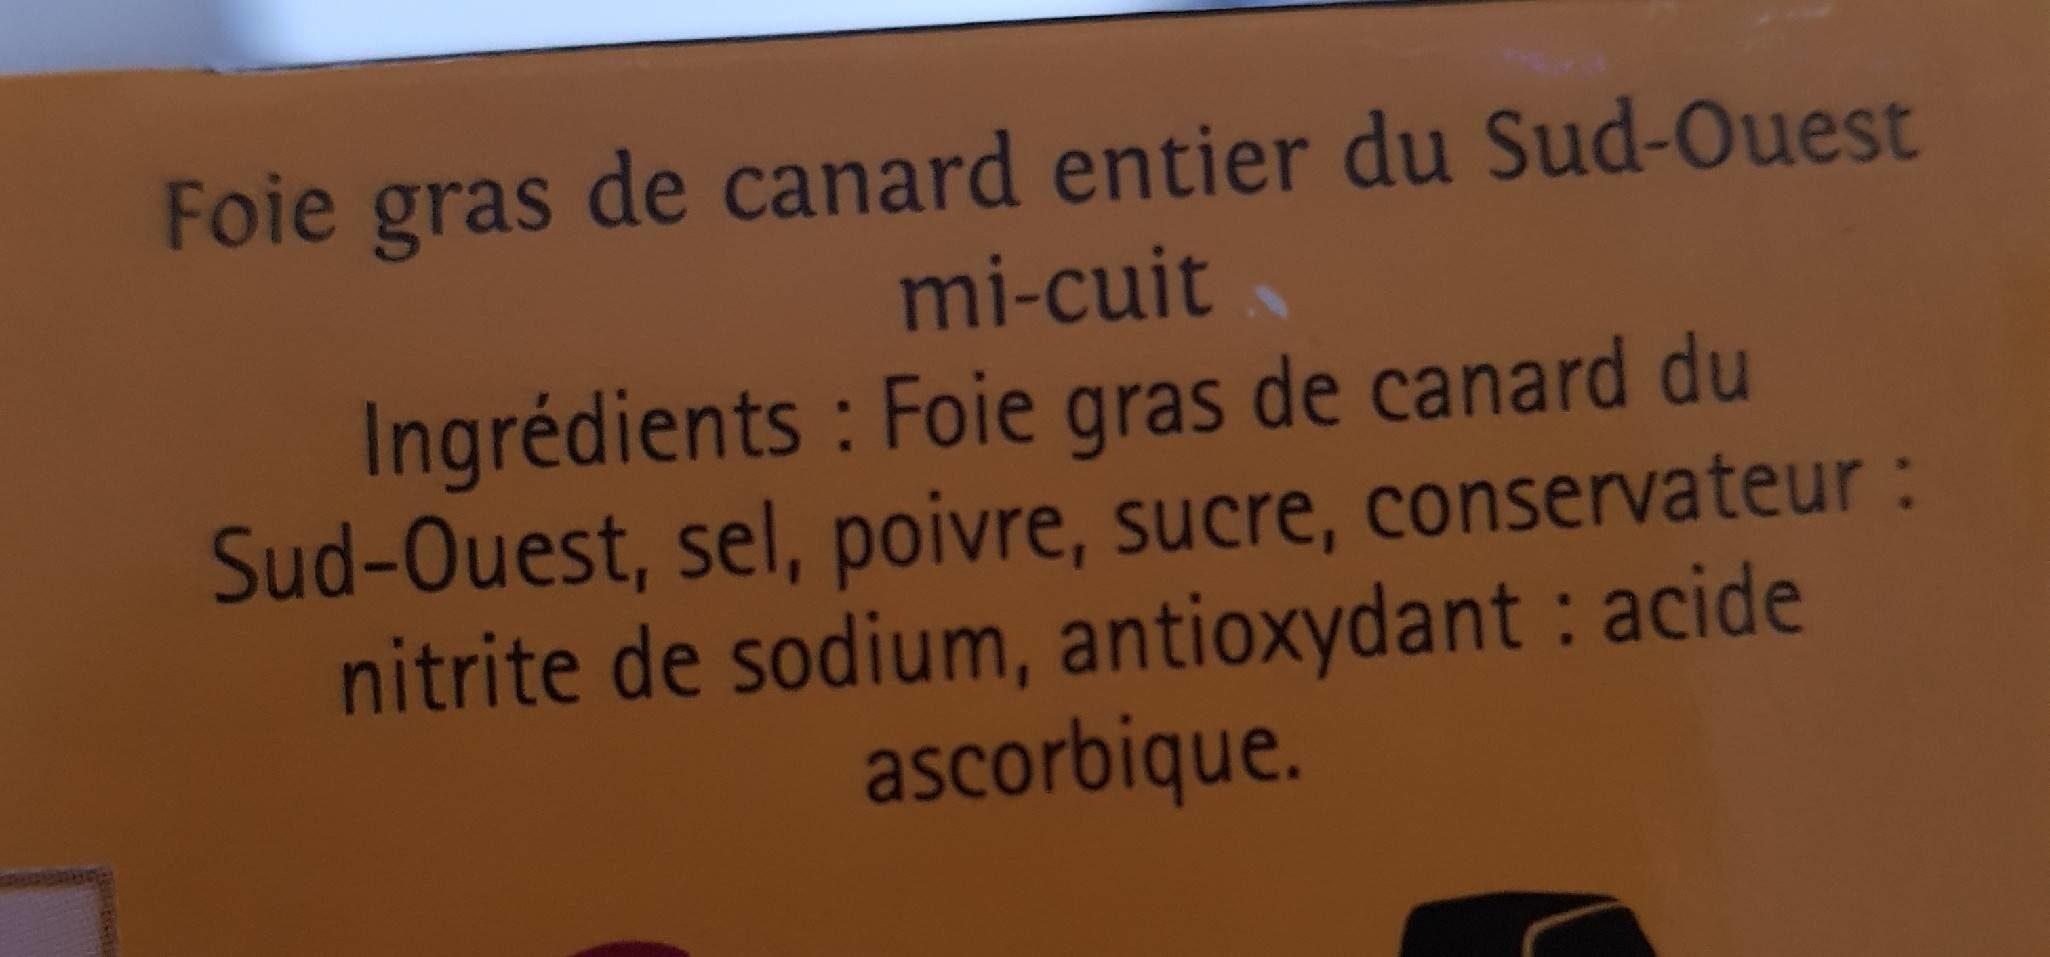 Foie gras de canard du Sud Ouest mi cuit - Ingredients - fr